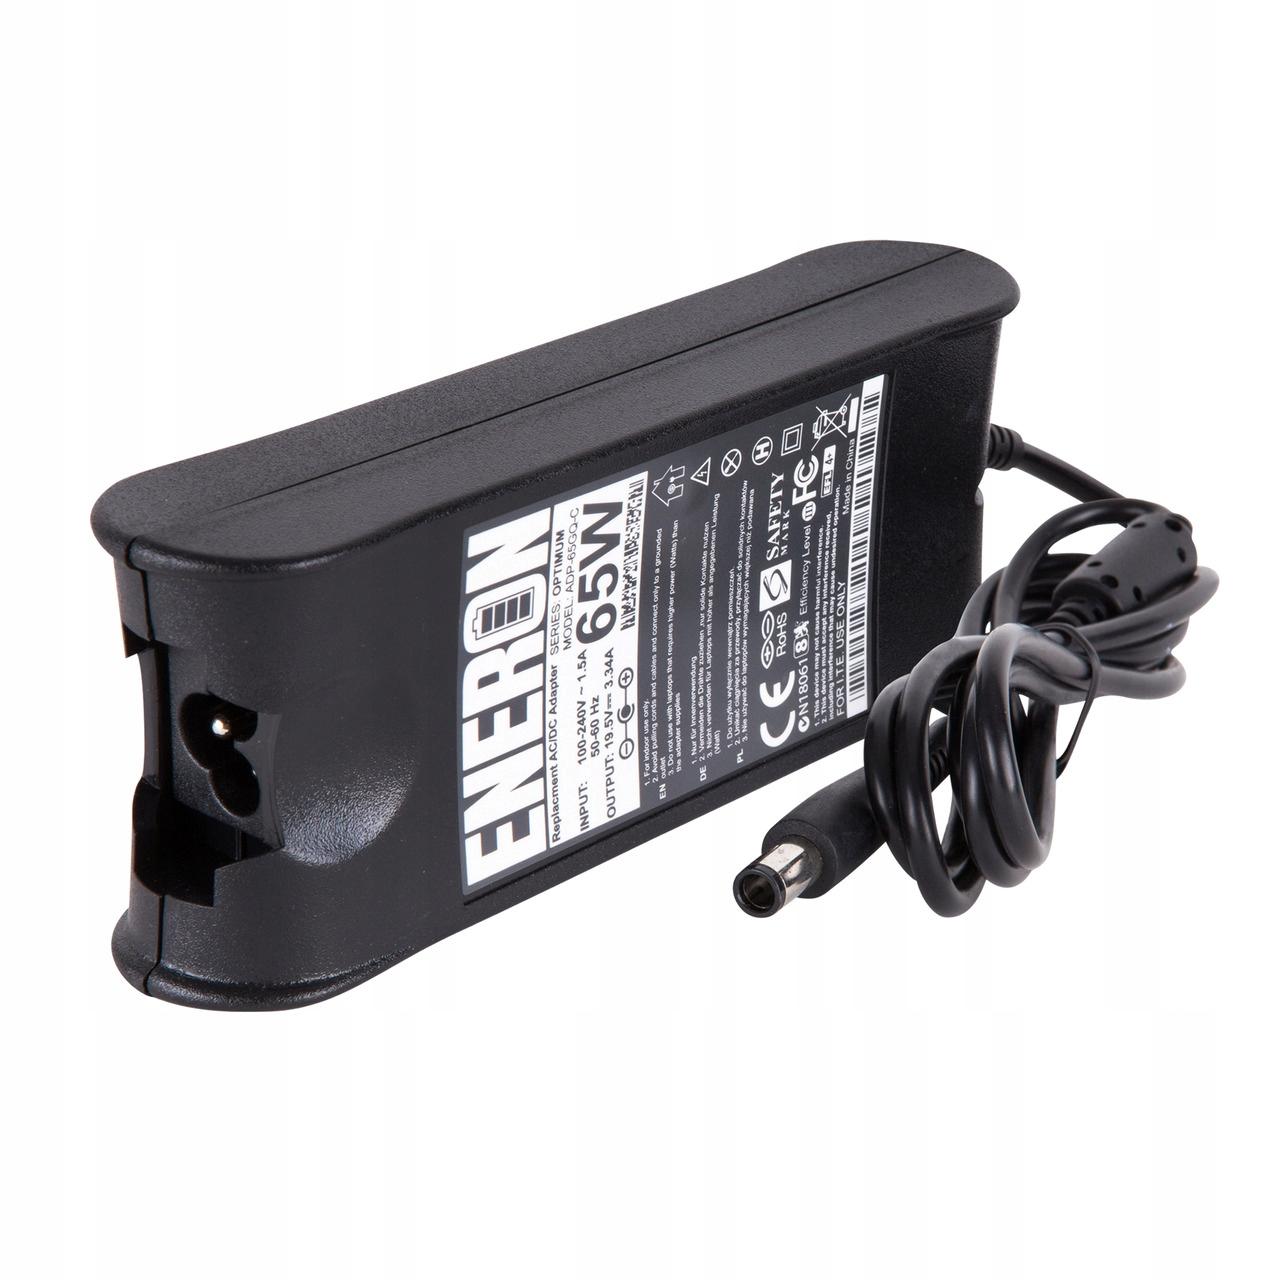 Zasilacz ładowarka laptopa do Dell 65W 19,5v 3,34A Napięcie wyjściowe 19.5 V